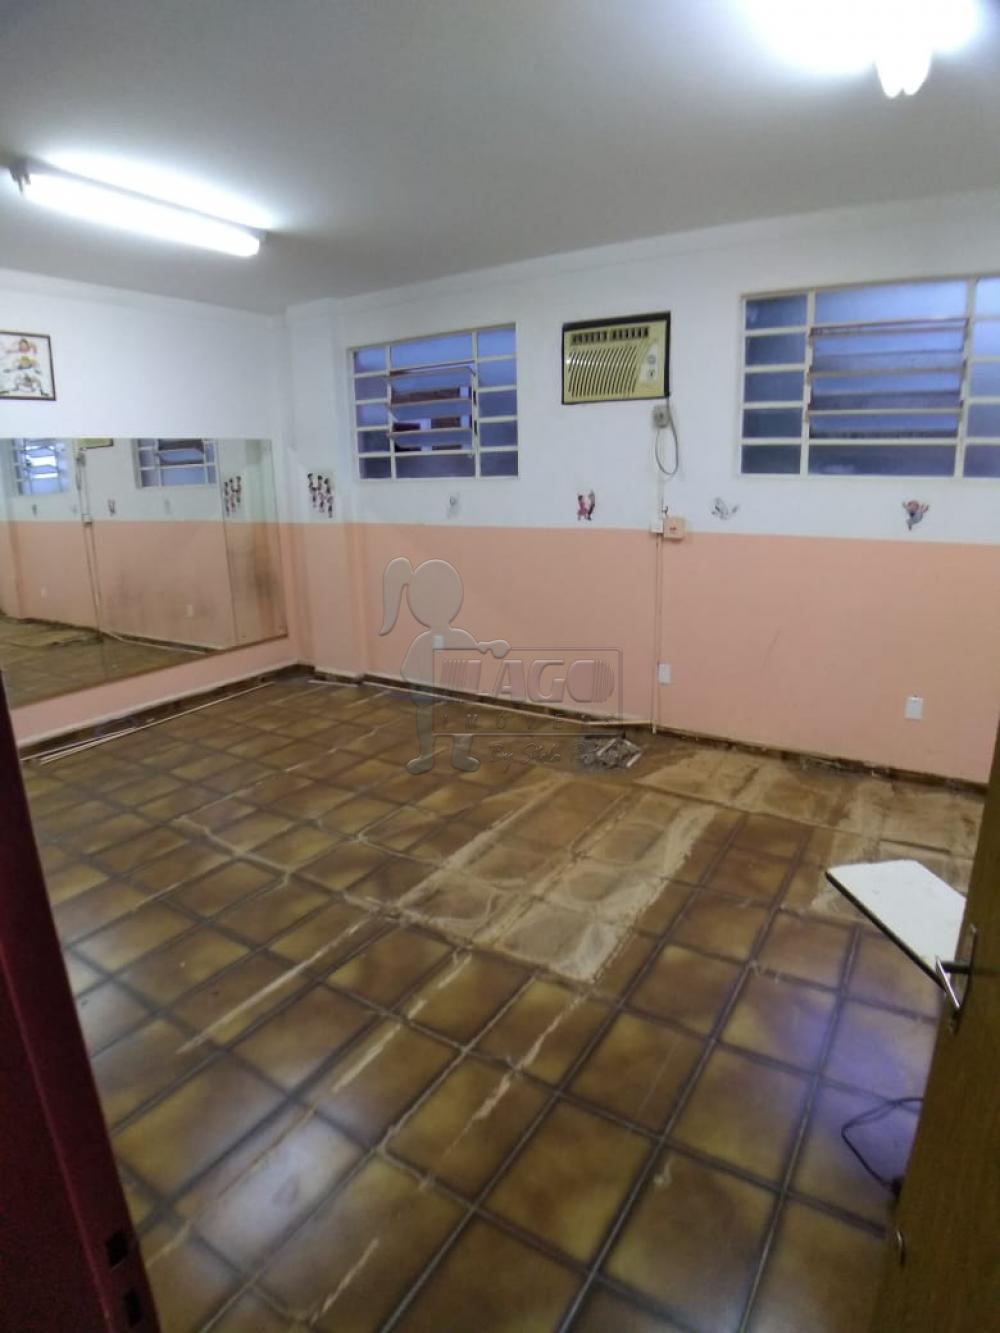 Alugar Comercial / Imóvel Comercial em Ribeirão Preto apenas R$ 4.000,00 - Foto 5